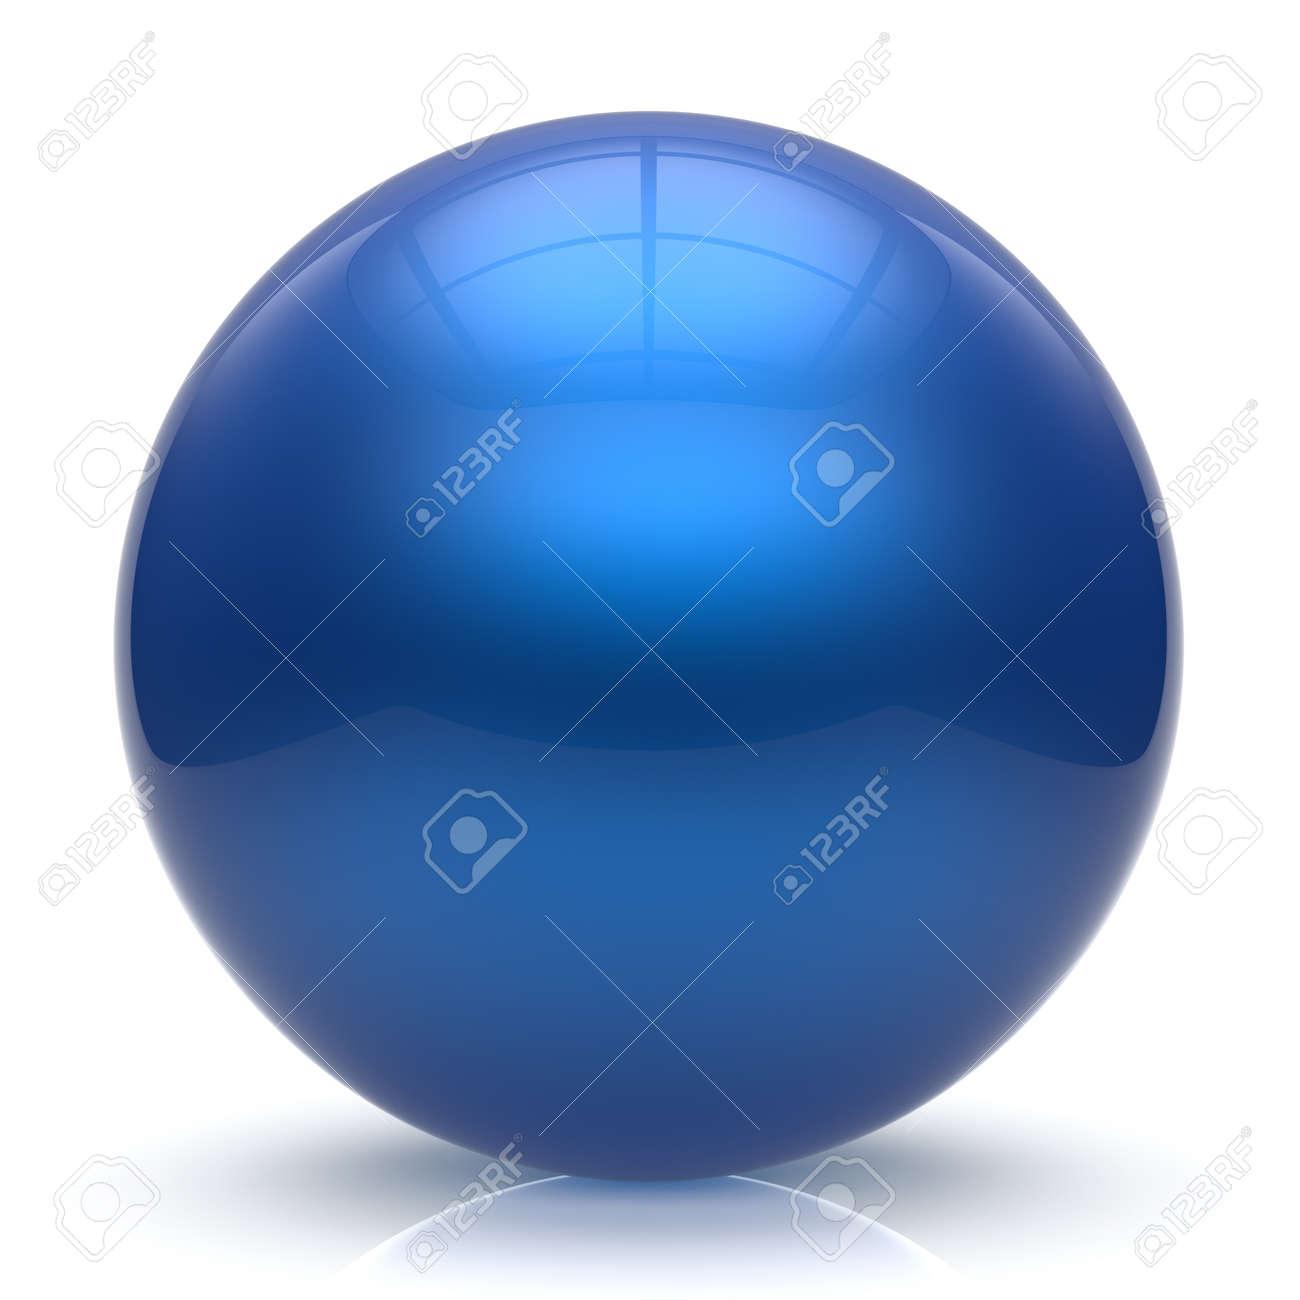 esfera botn de la esfera azul bola redonda crculo bsico forma geomtrica slida figura simple